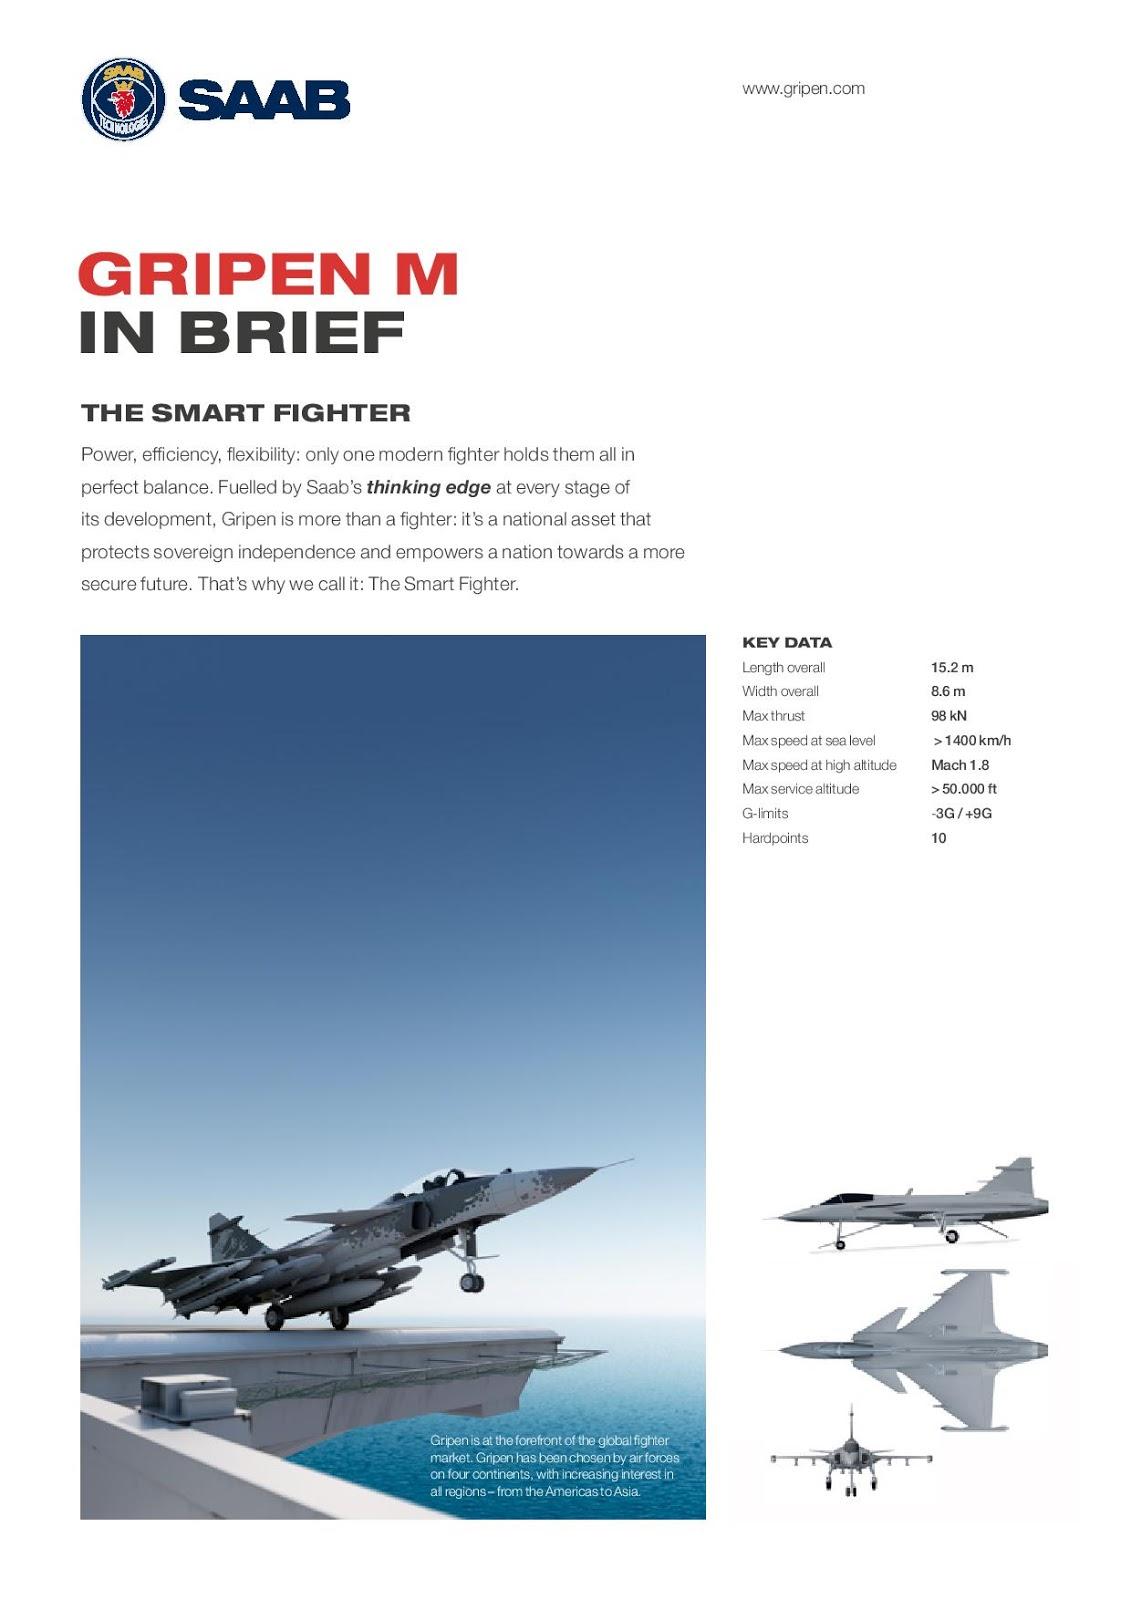 Gripen-M : نسخه بحريه تعمل من على متن حاملات الطائرات  Gripen_m_factsheet-page-001